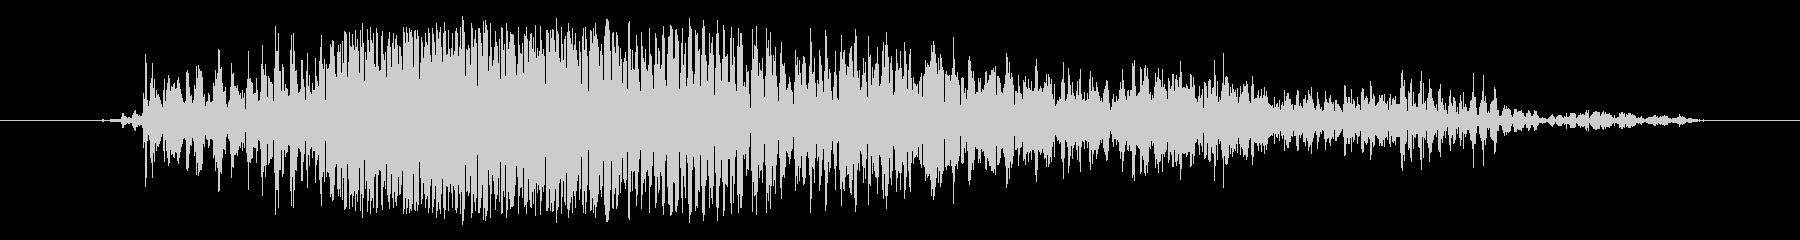 モンスター 窒息ゾンビ04の未再生の波形